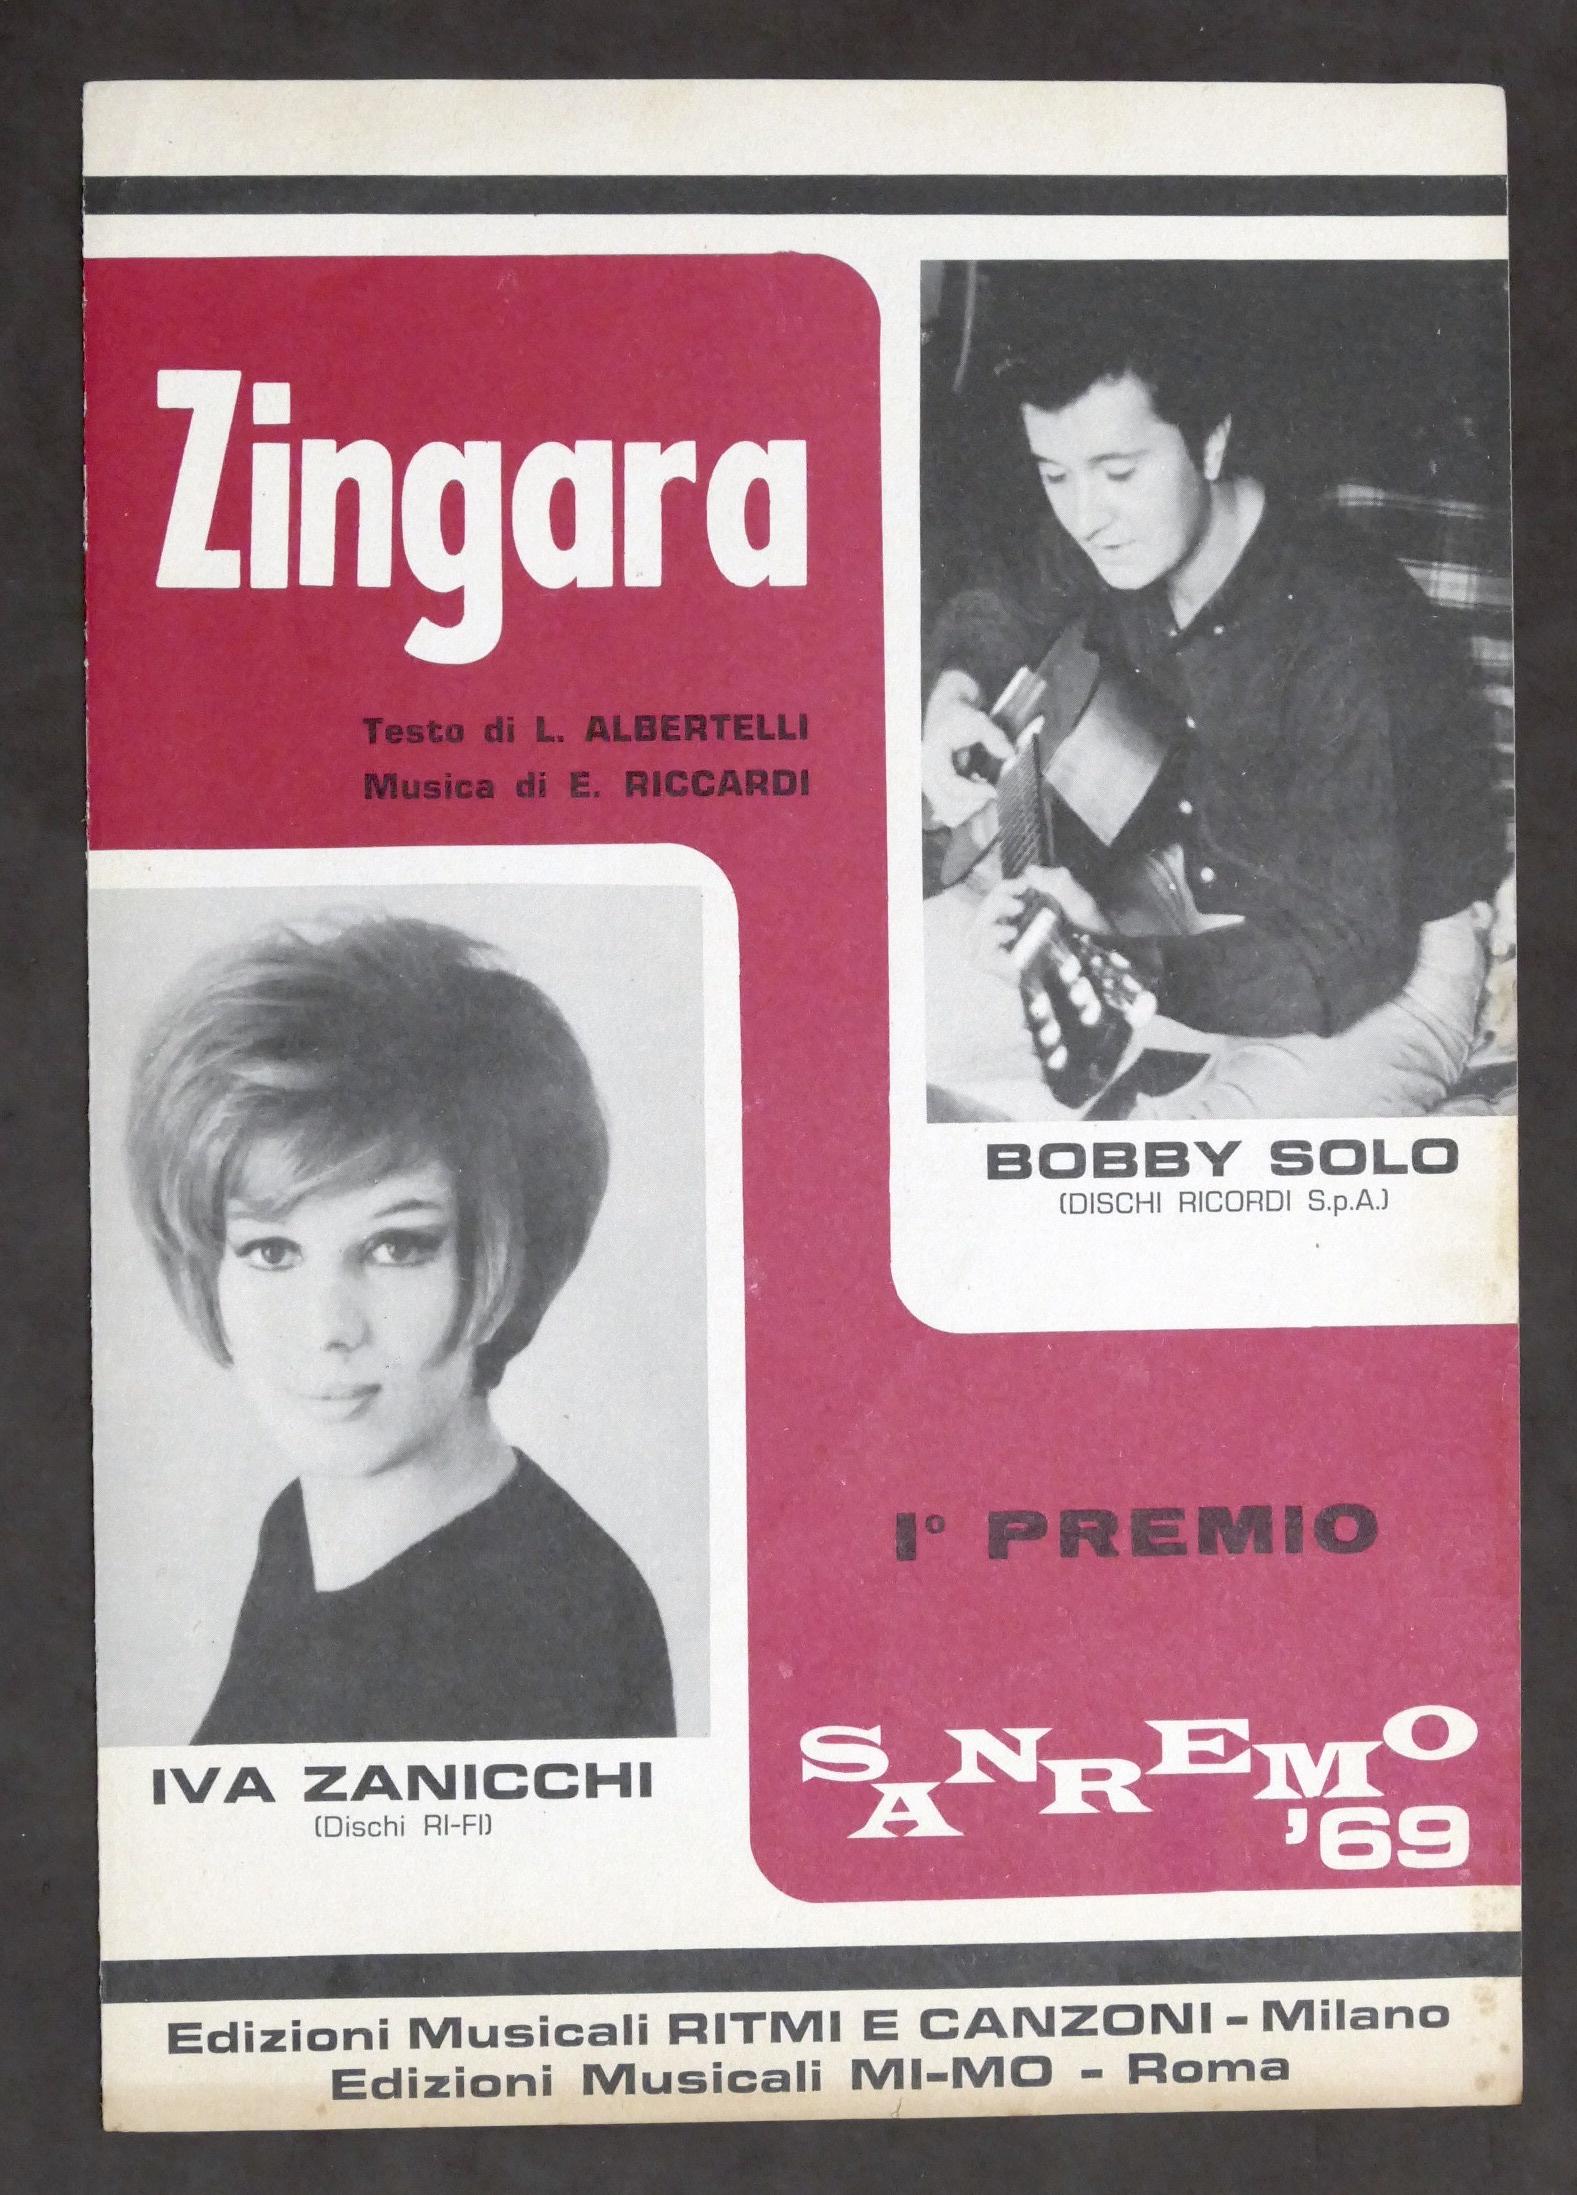 Musica, opera: Spartito - Iva Zanicchi - Zingara - Canto mandolino o  fisarmonica - Sanremo 1969